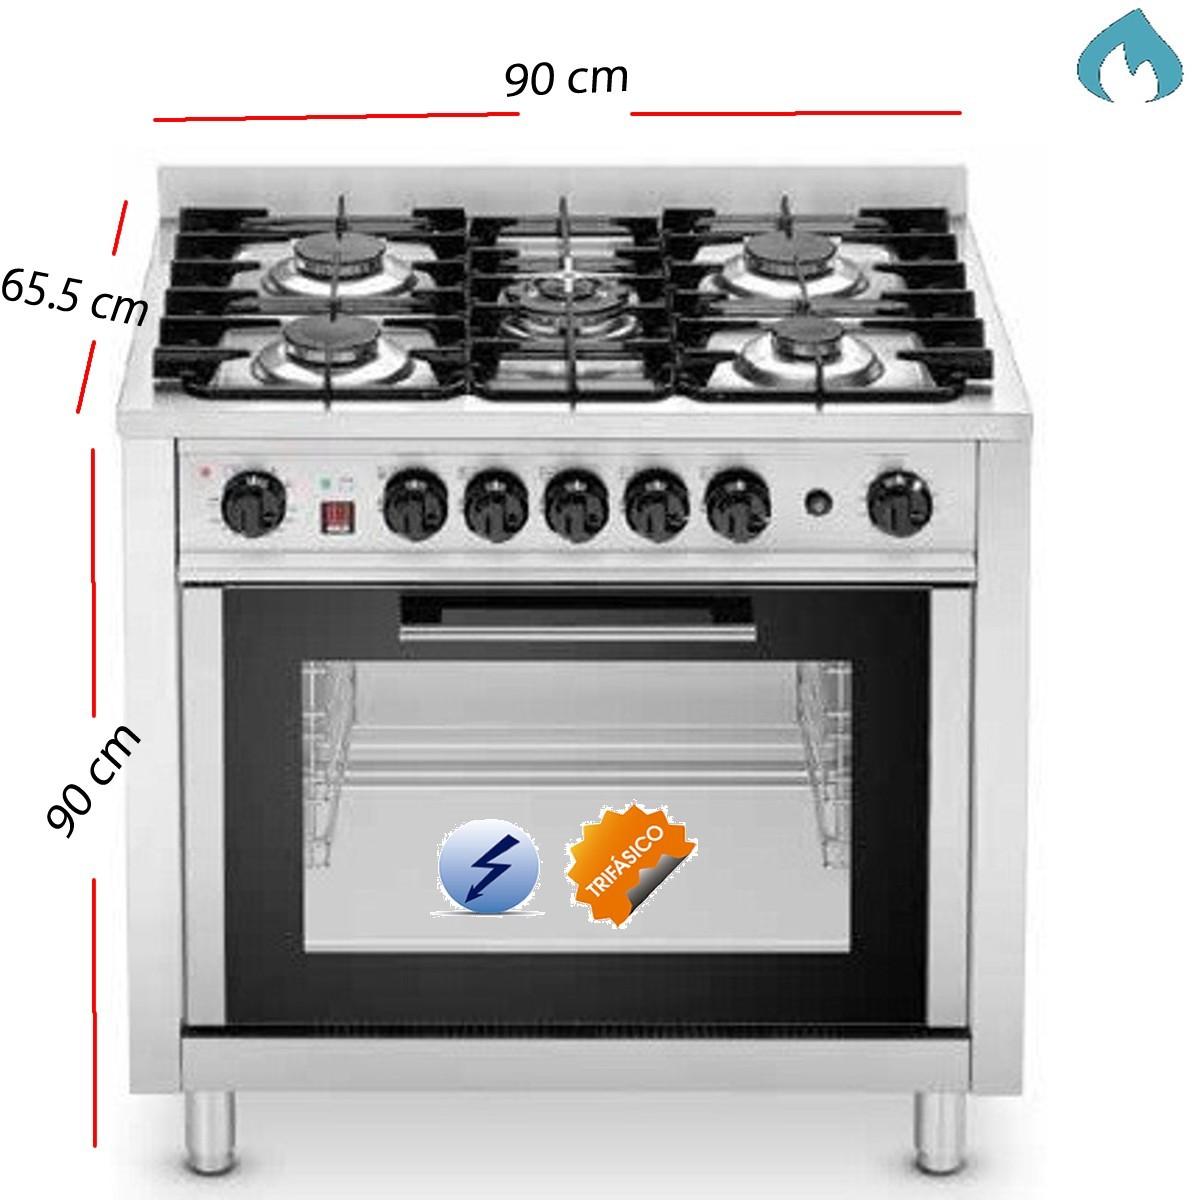 Cocina industrial a gas con 5 fuegos y horno trifasico para gn 1 1 ekc963 - Cocina con horno ...